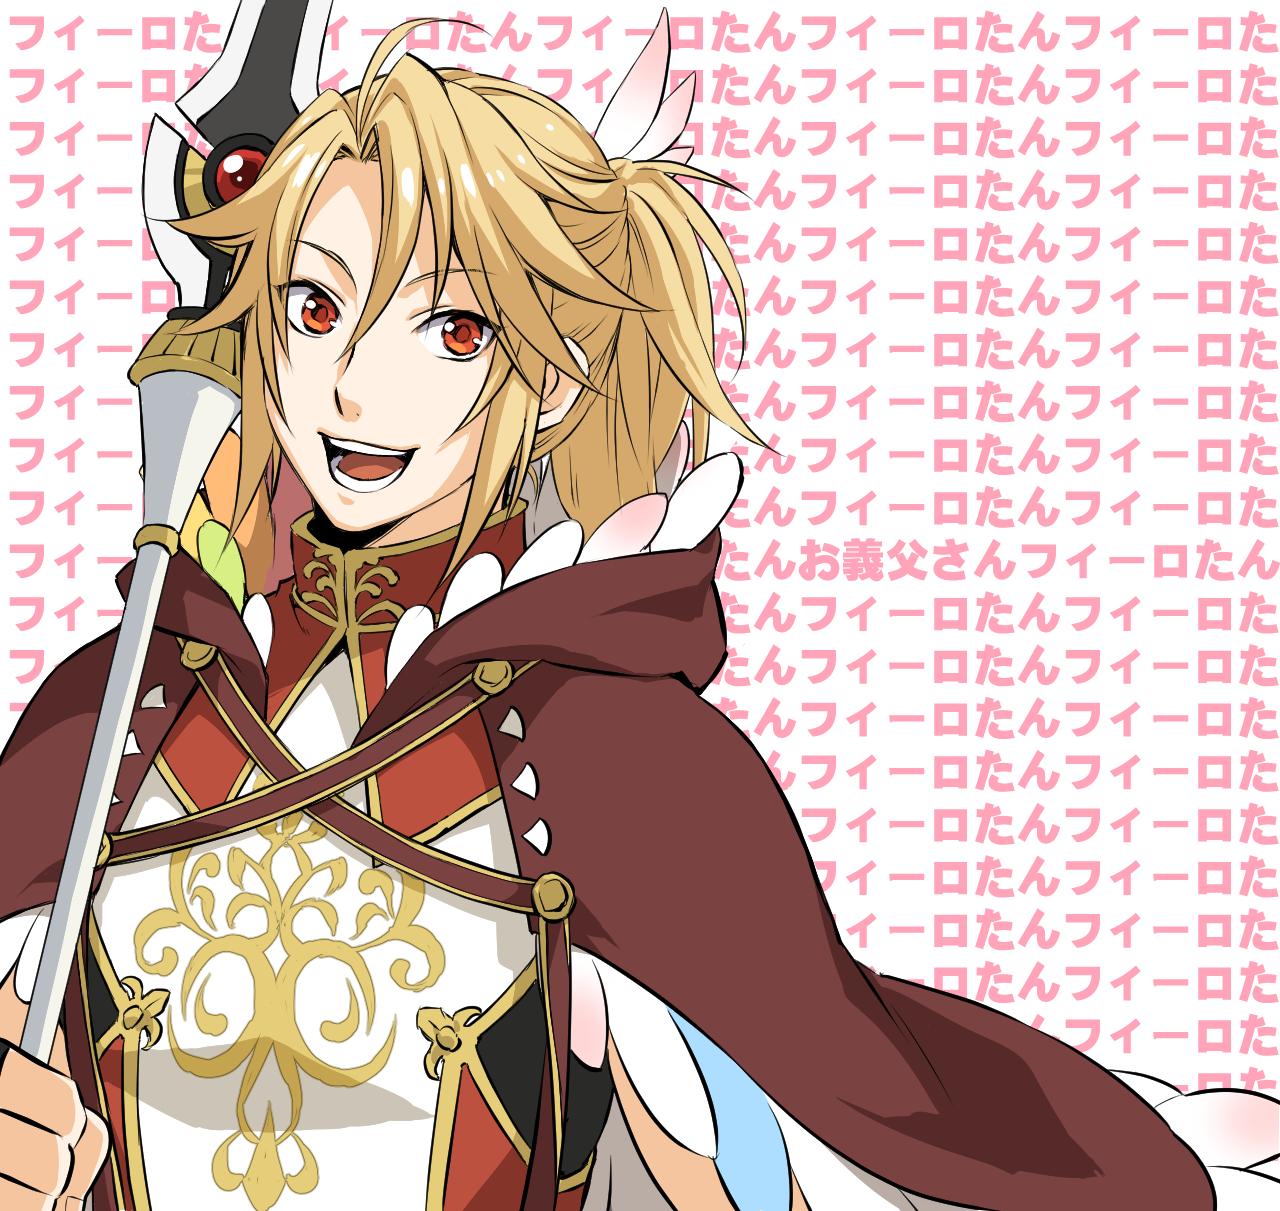 Kitamura Motoyasu Tate No Yuusha No Nariagari Image 2798256 Zerochan Anime Image Board